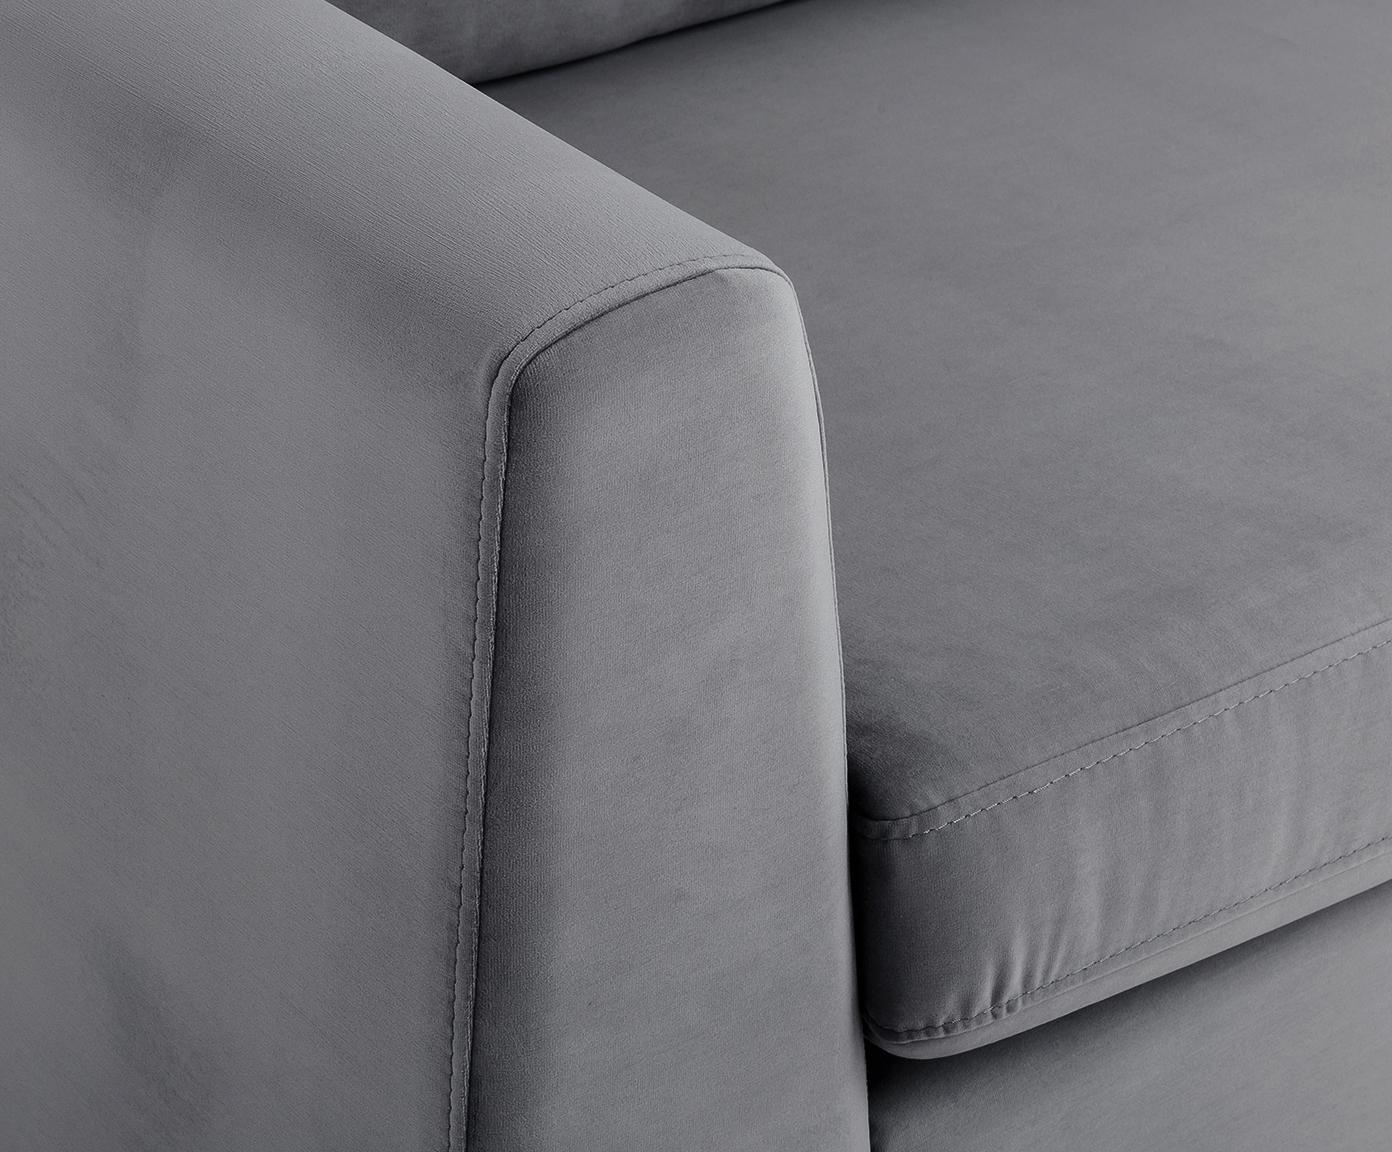 Fluwelen hoekbank Luna, Bekleding: fluweel (polyester), Frame: massief beukenhout, Poten: gegalvaniseerd metaal, Donkergrijs, B 280 x D 184 cm